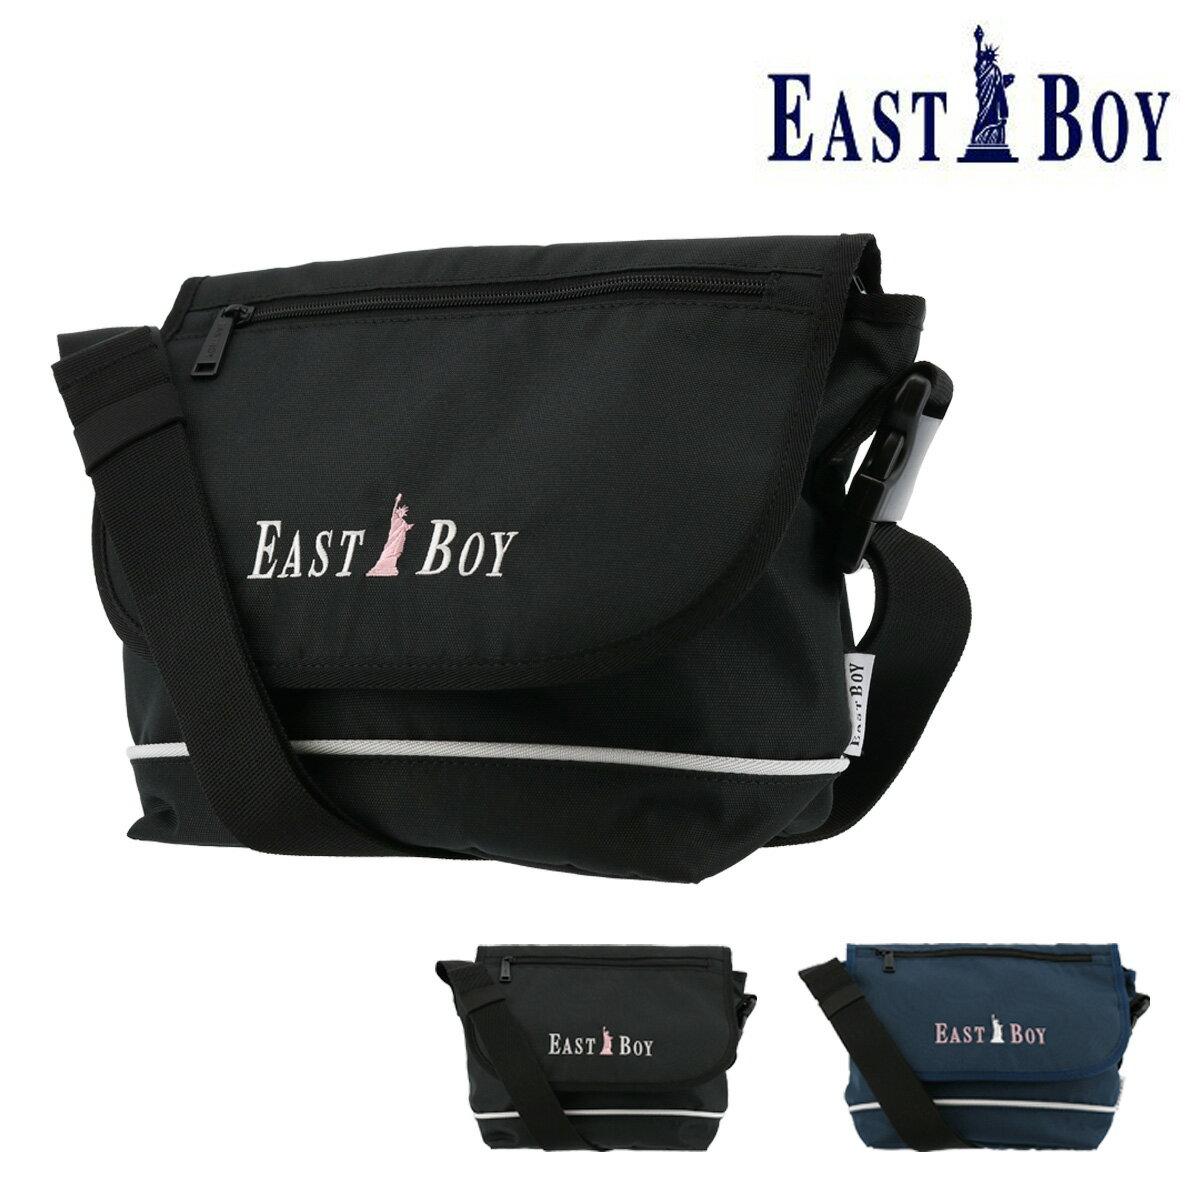 レディースバッグ, ショルダーバッグ・メッセンジャーバッグ  EBY16 EAST BOY PO10